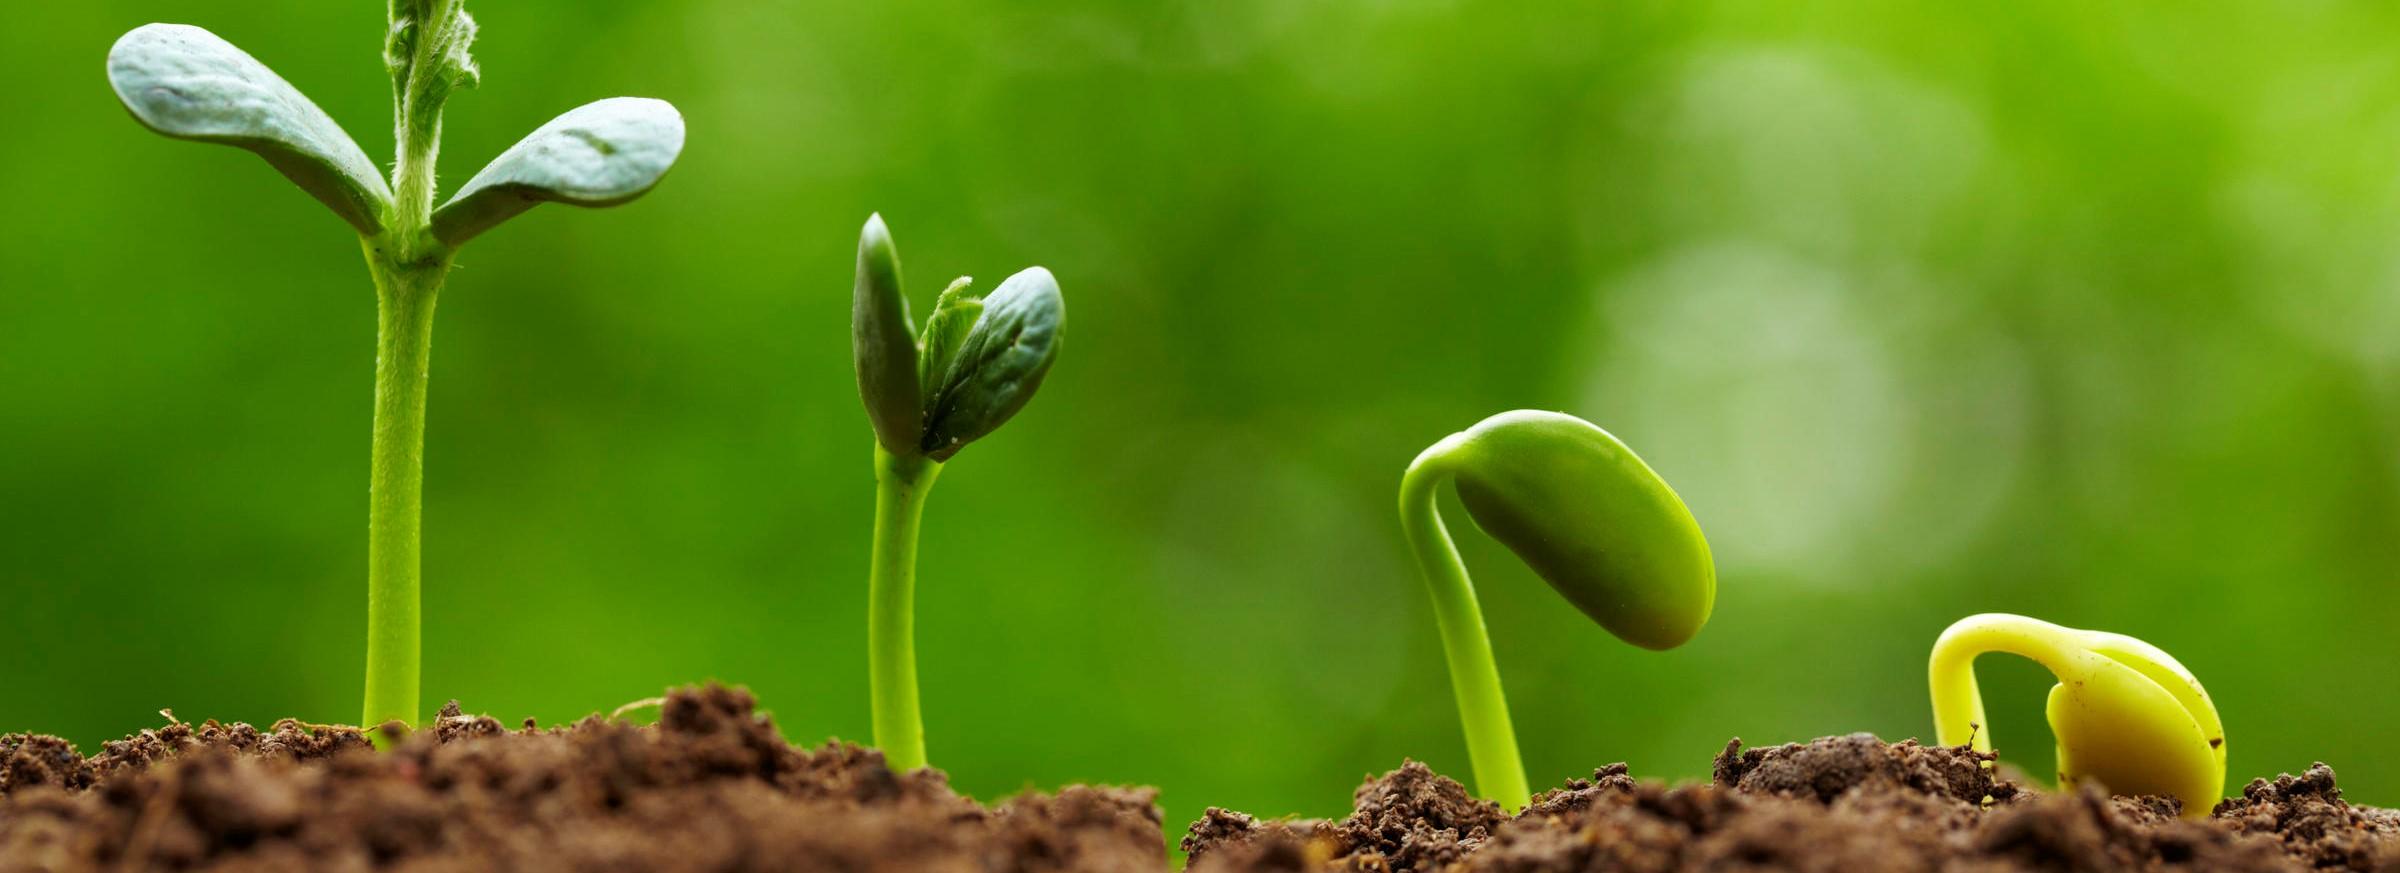 نباتات , - اعلن مجاناً في منصة وموقع عنكبوت للاعلانات المجانية المبوبة|photos/2018/03/slider1-plants.jpg